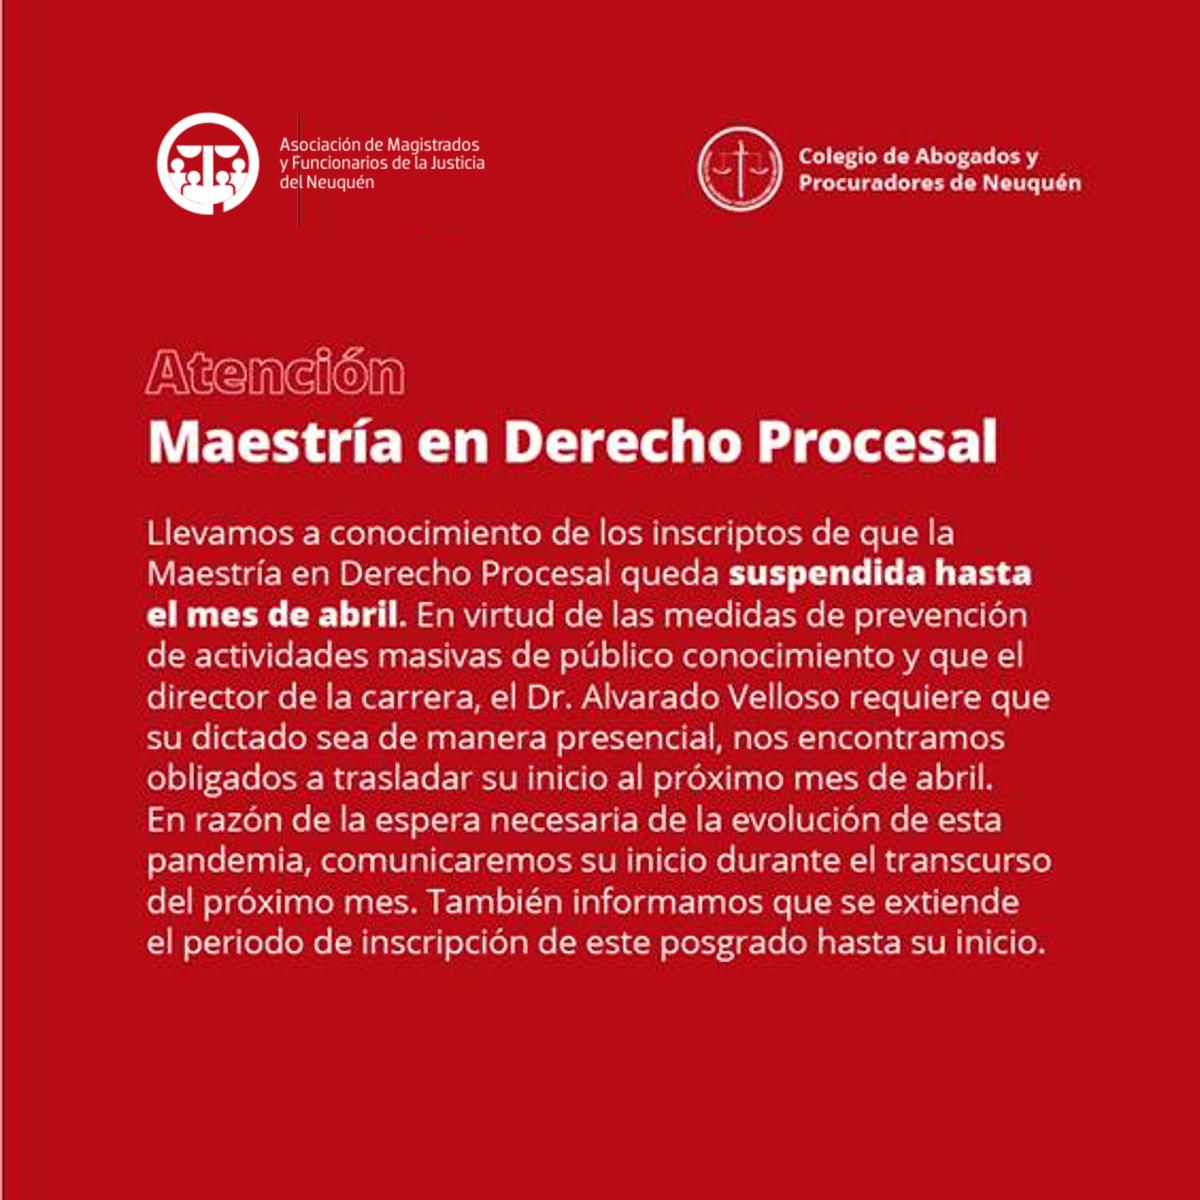 maestria en derecho procesal